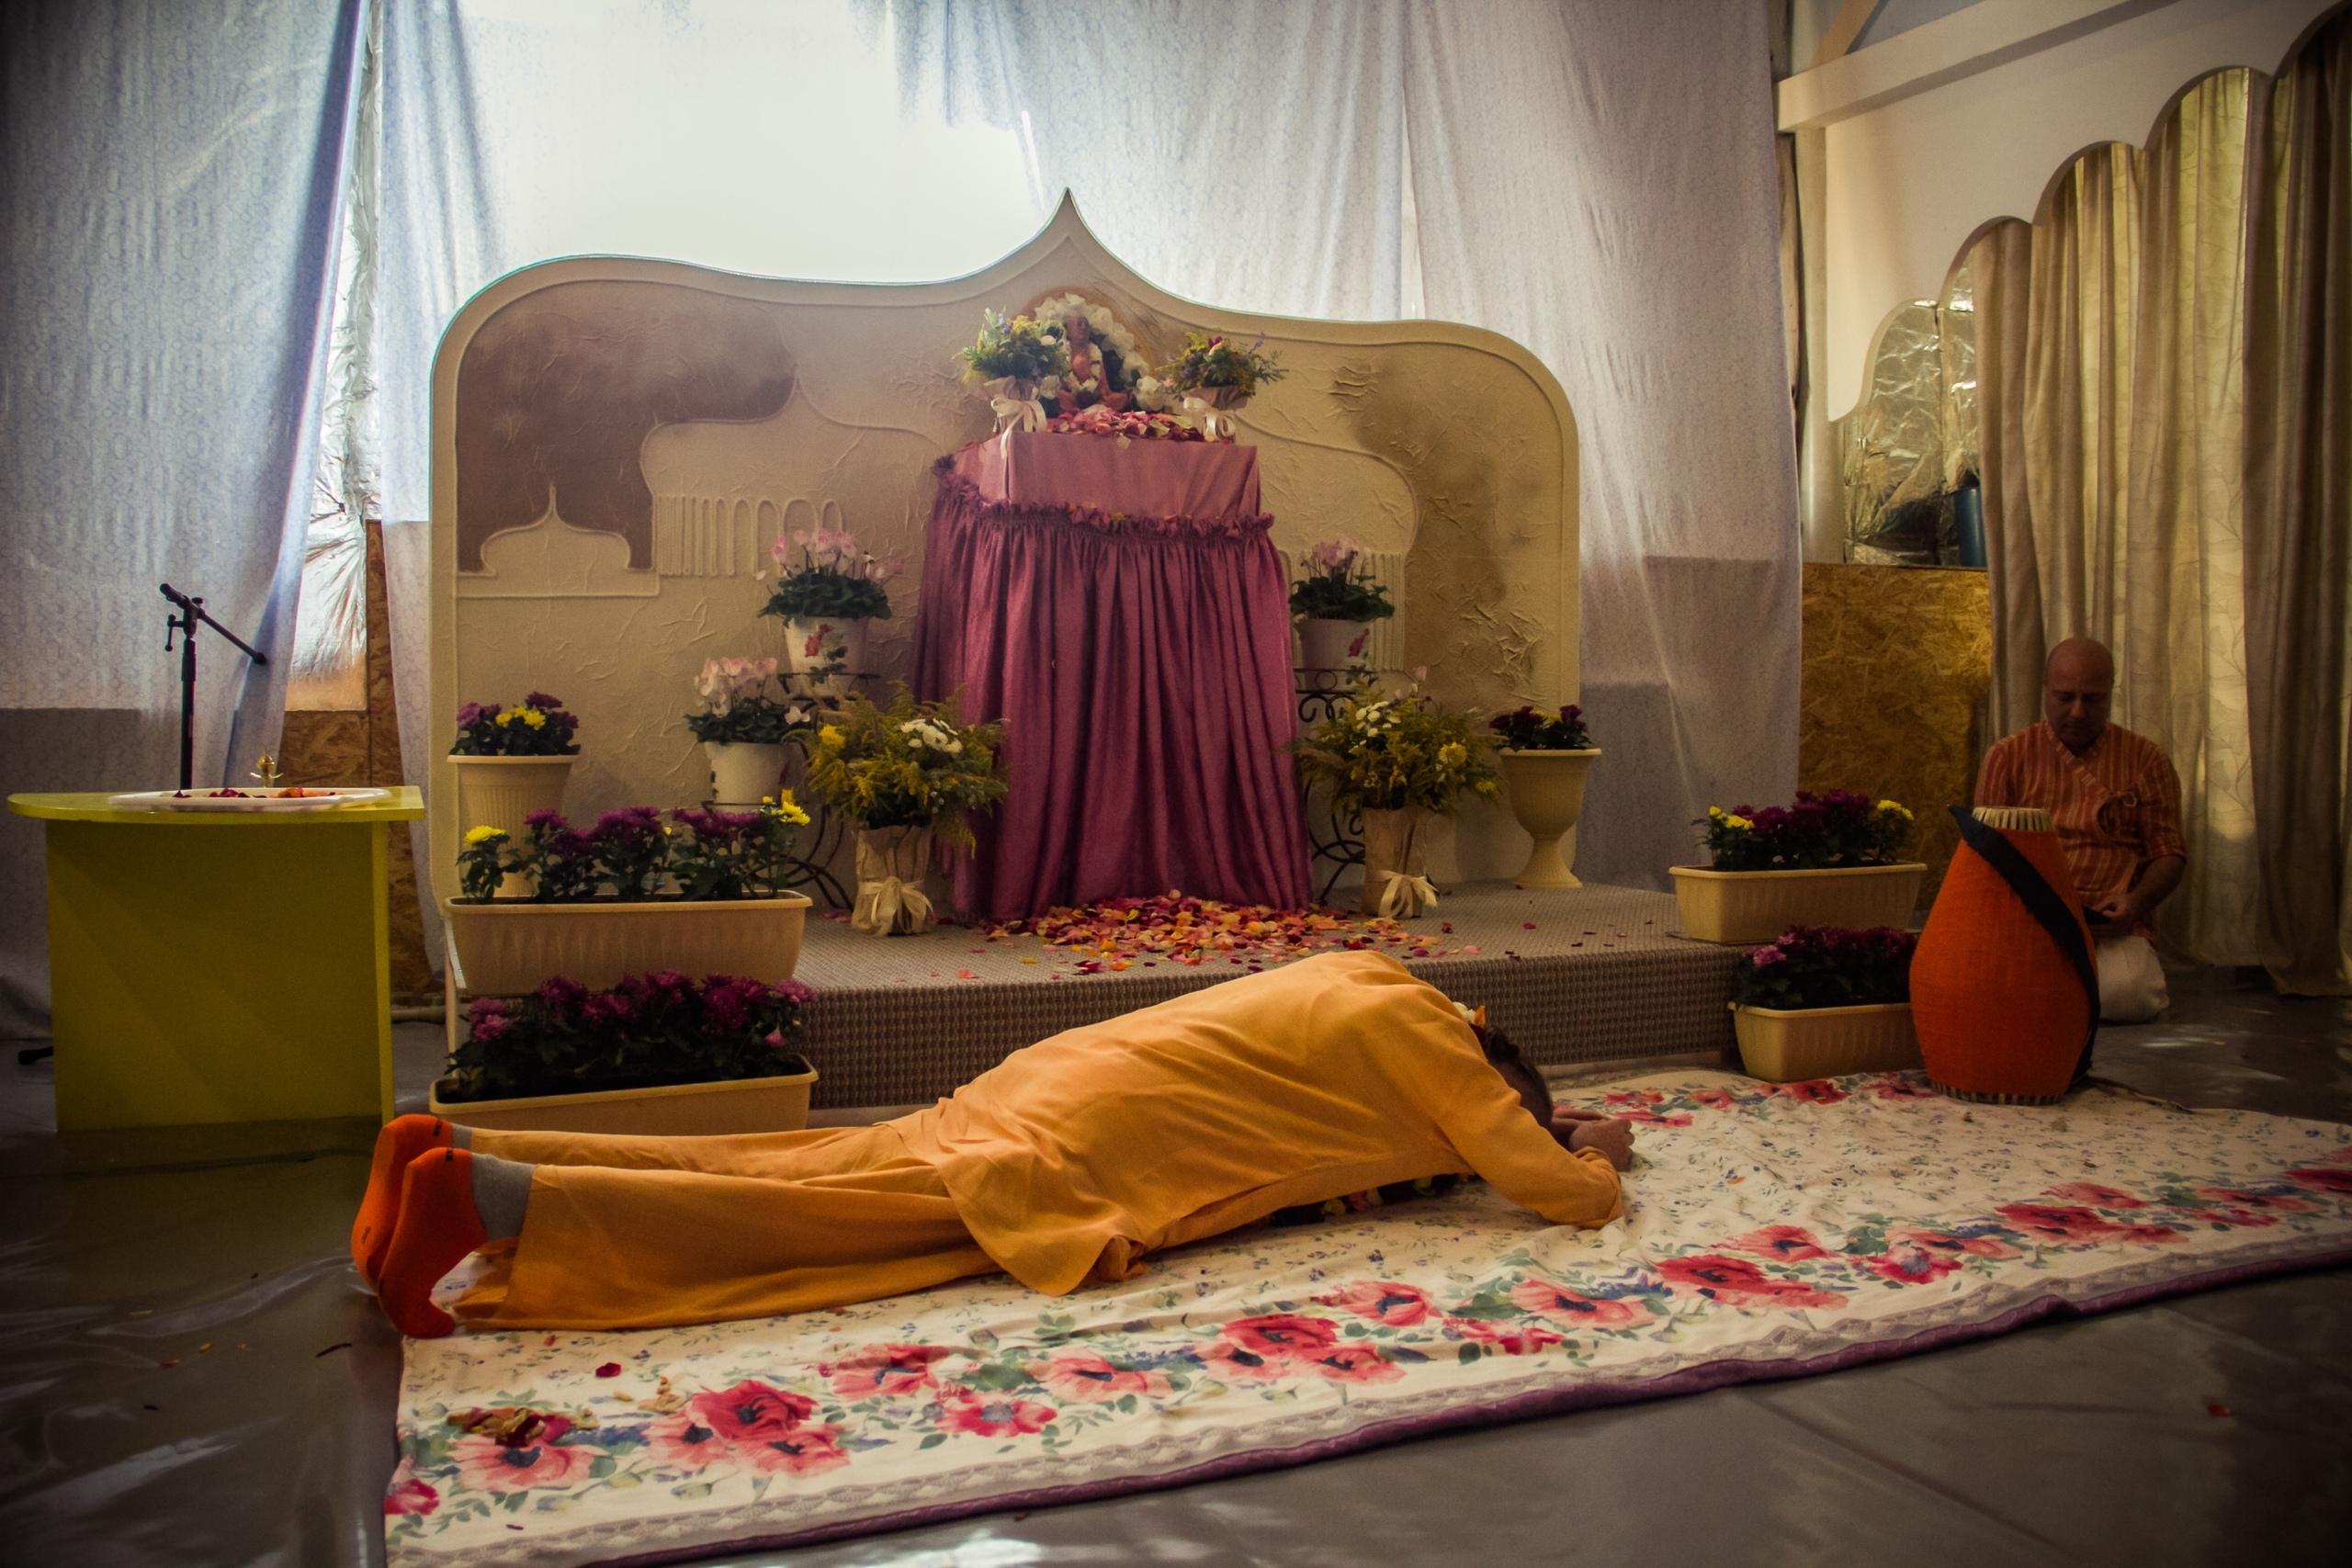 ВОПРОС: Что значит осознать личность Шрилы Прабхупады, значит ли это, что постепенно мы познаем личность Прабхупады, выполняя наставления своего гуру и удовлетворяя его?